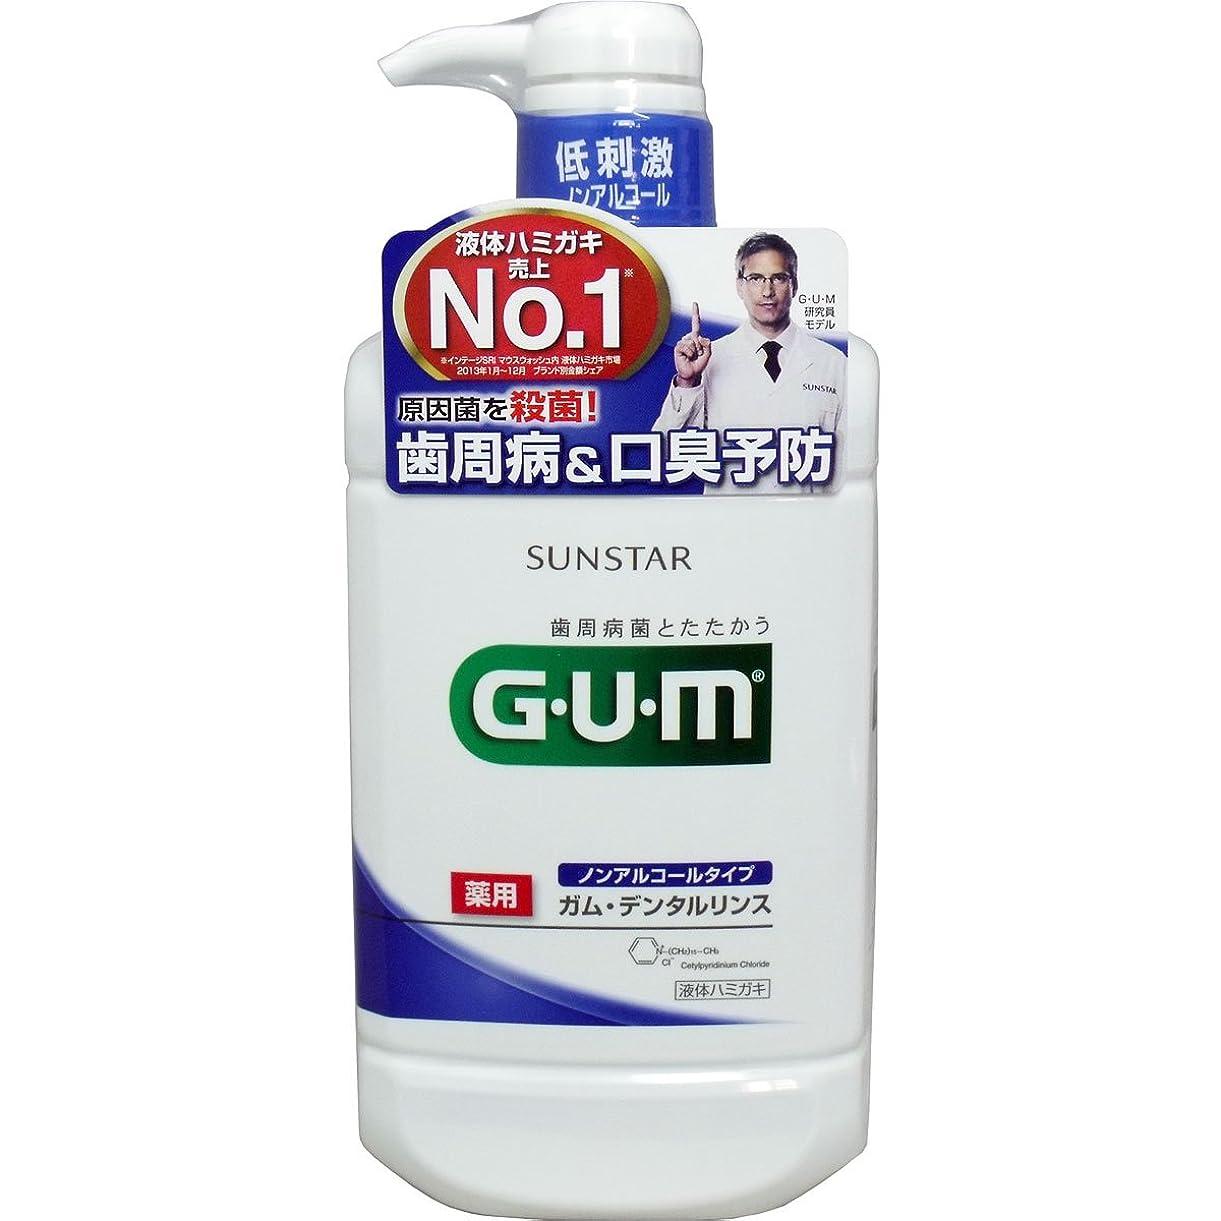 提供するここに引数歯周病予防 デンタルリンス ハグキの炎症を防ぐ 便利 GUM ガム?デンタルリンス 薬用 ノンアルコールタイプ 960mL【4個セット】